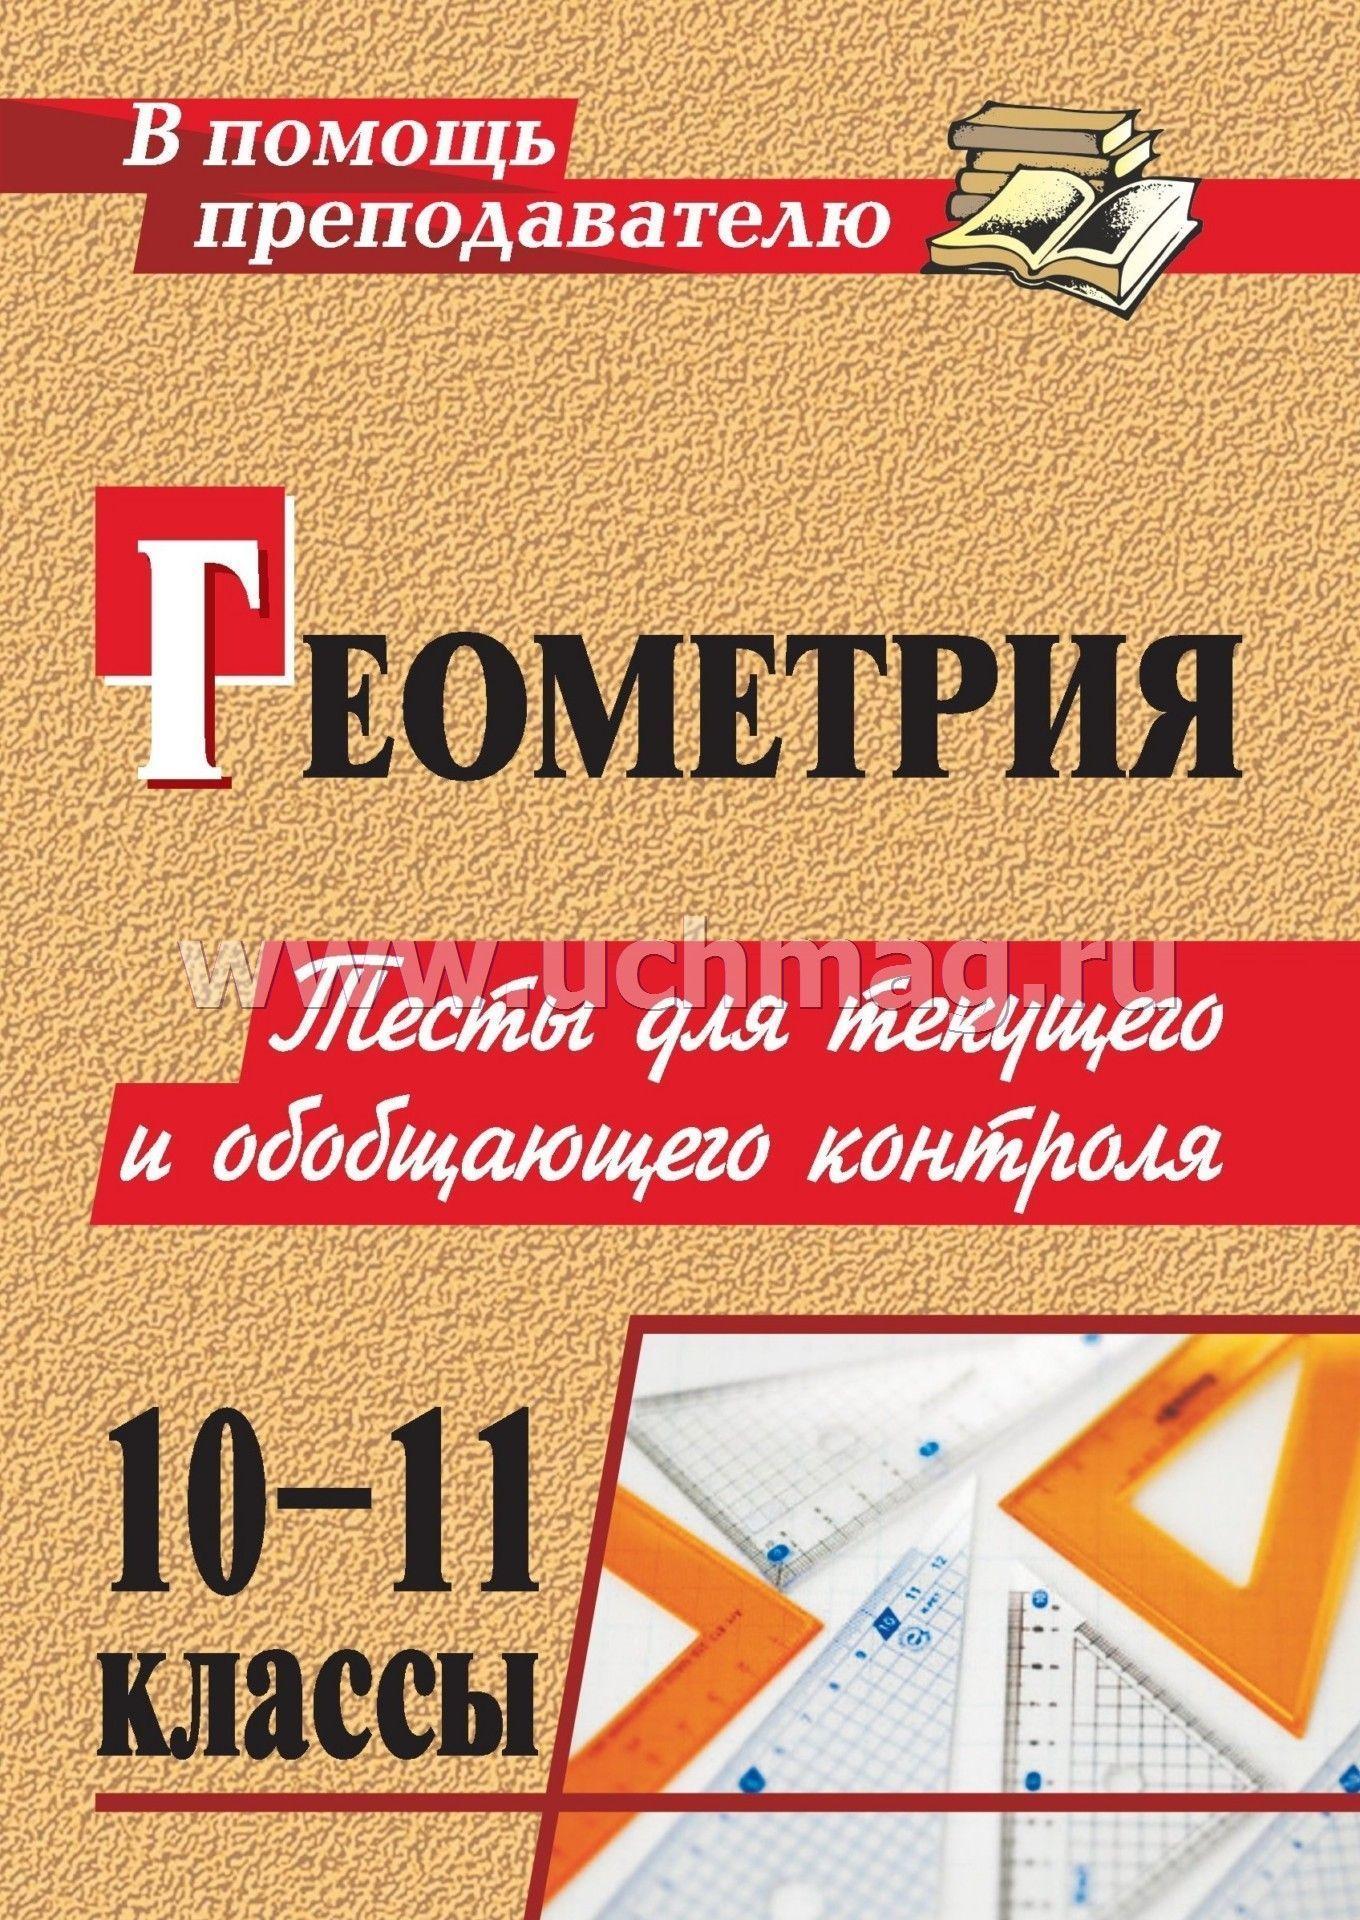 Геометрия 10-11 класс тесты для текущего и обобщающего контроля скачать